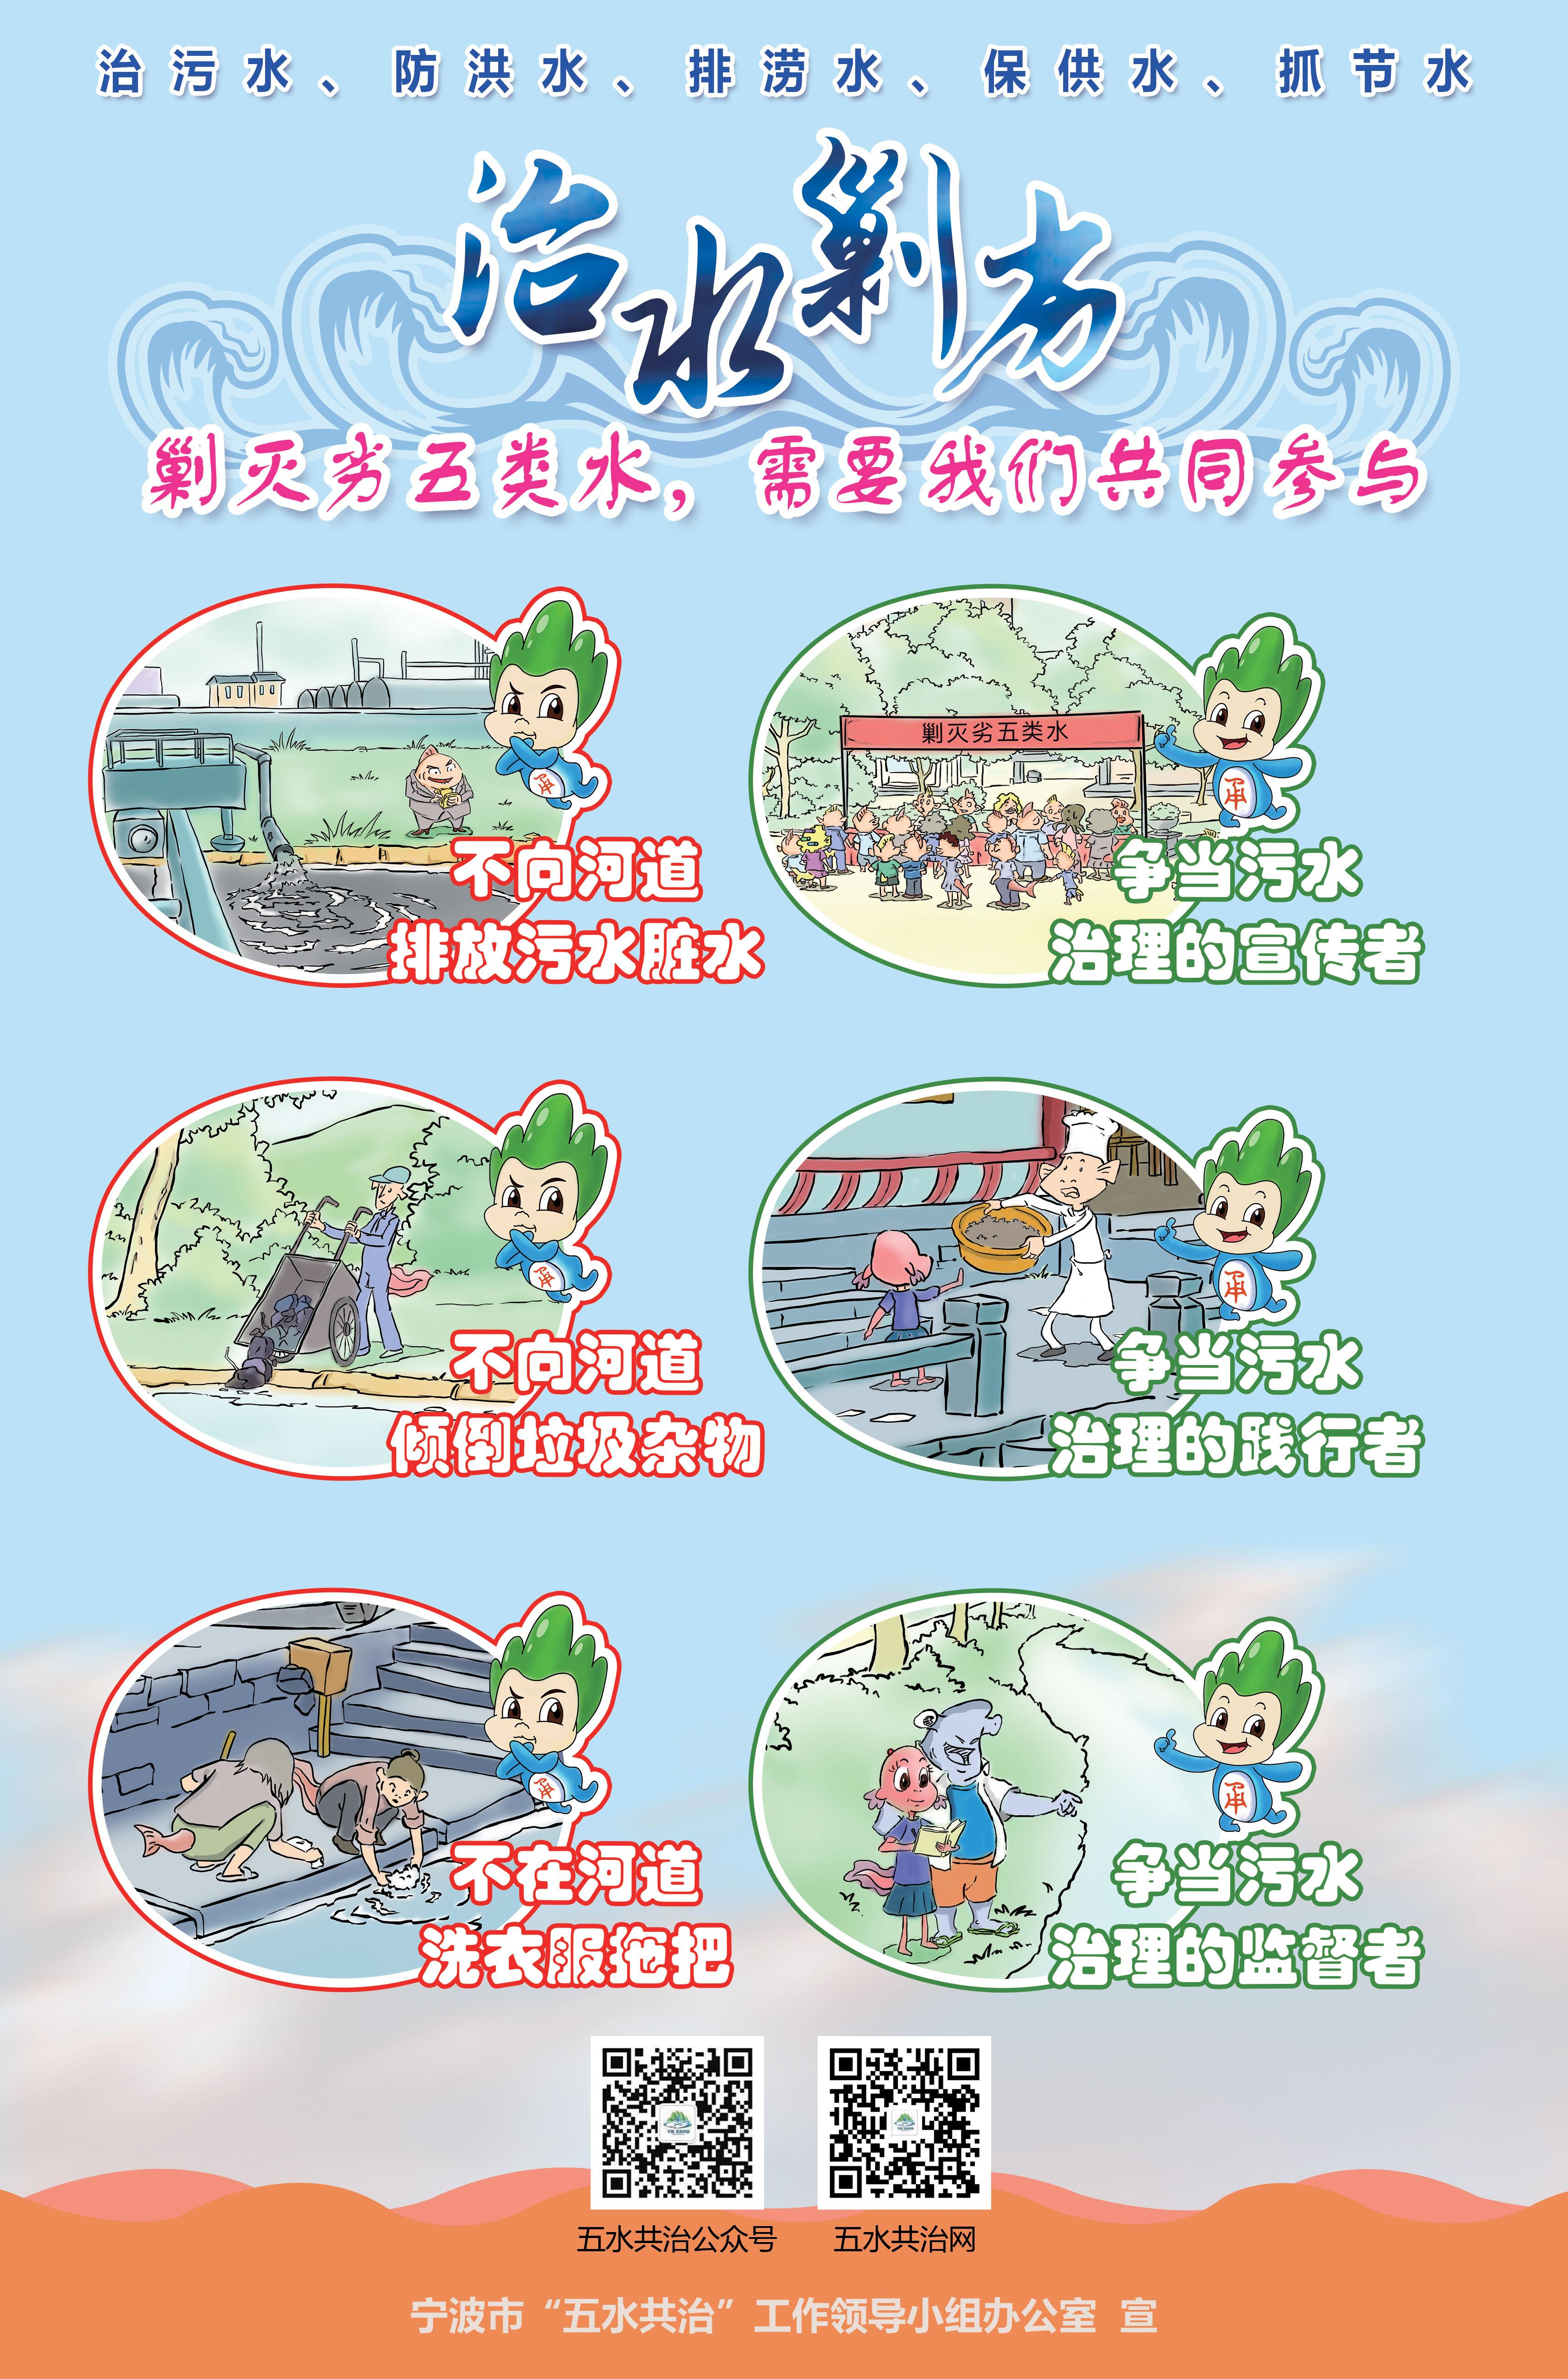 五水共治宣传海报